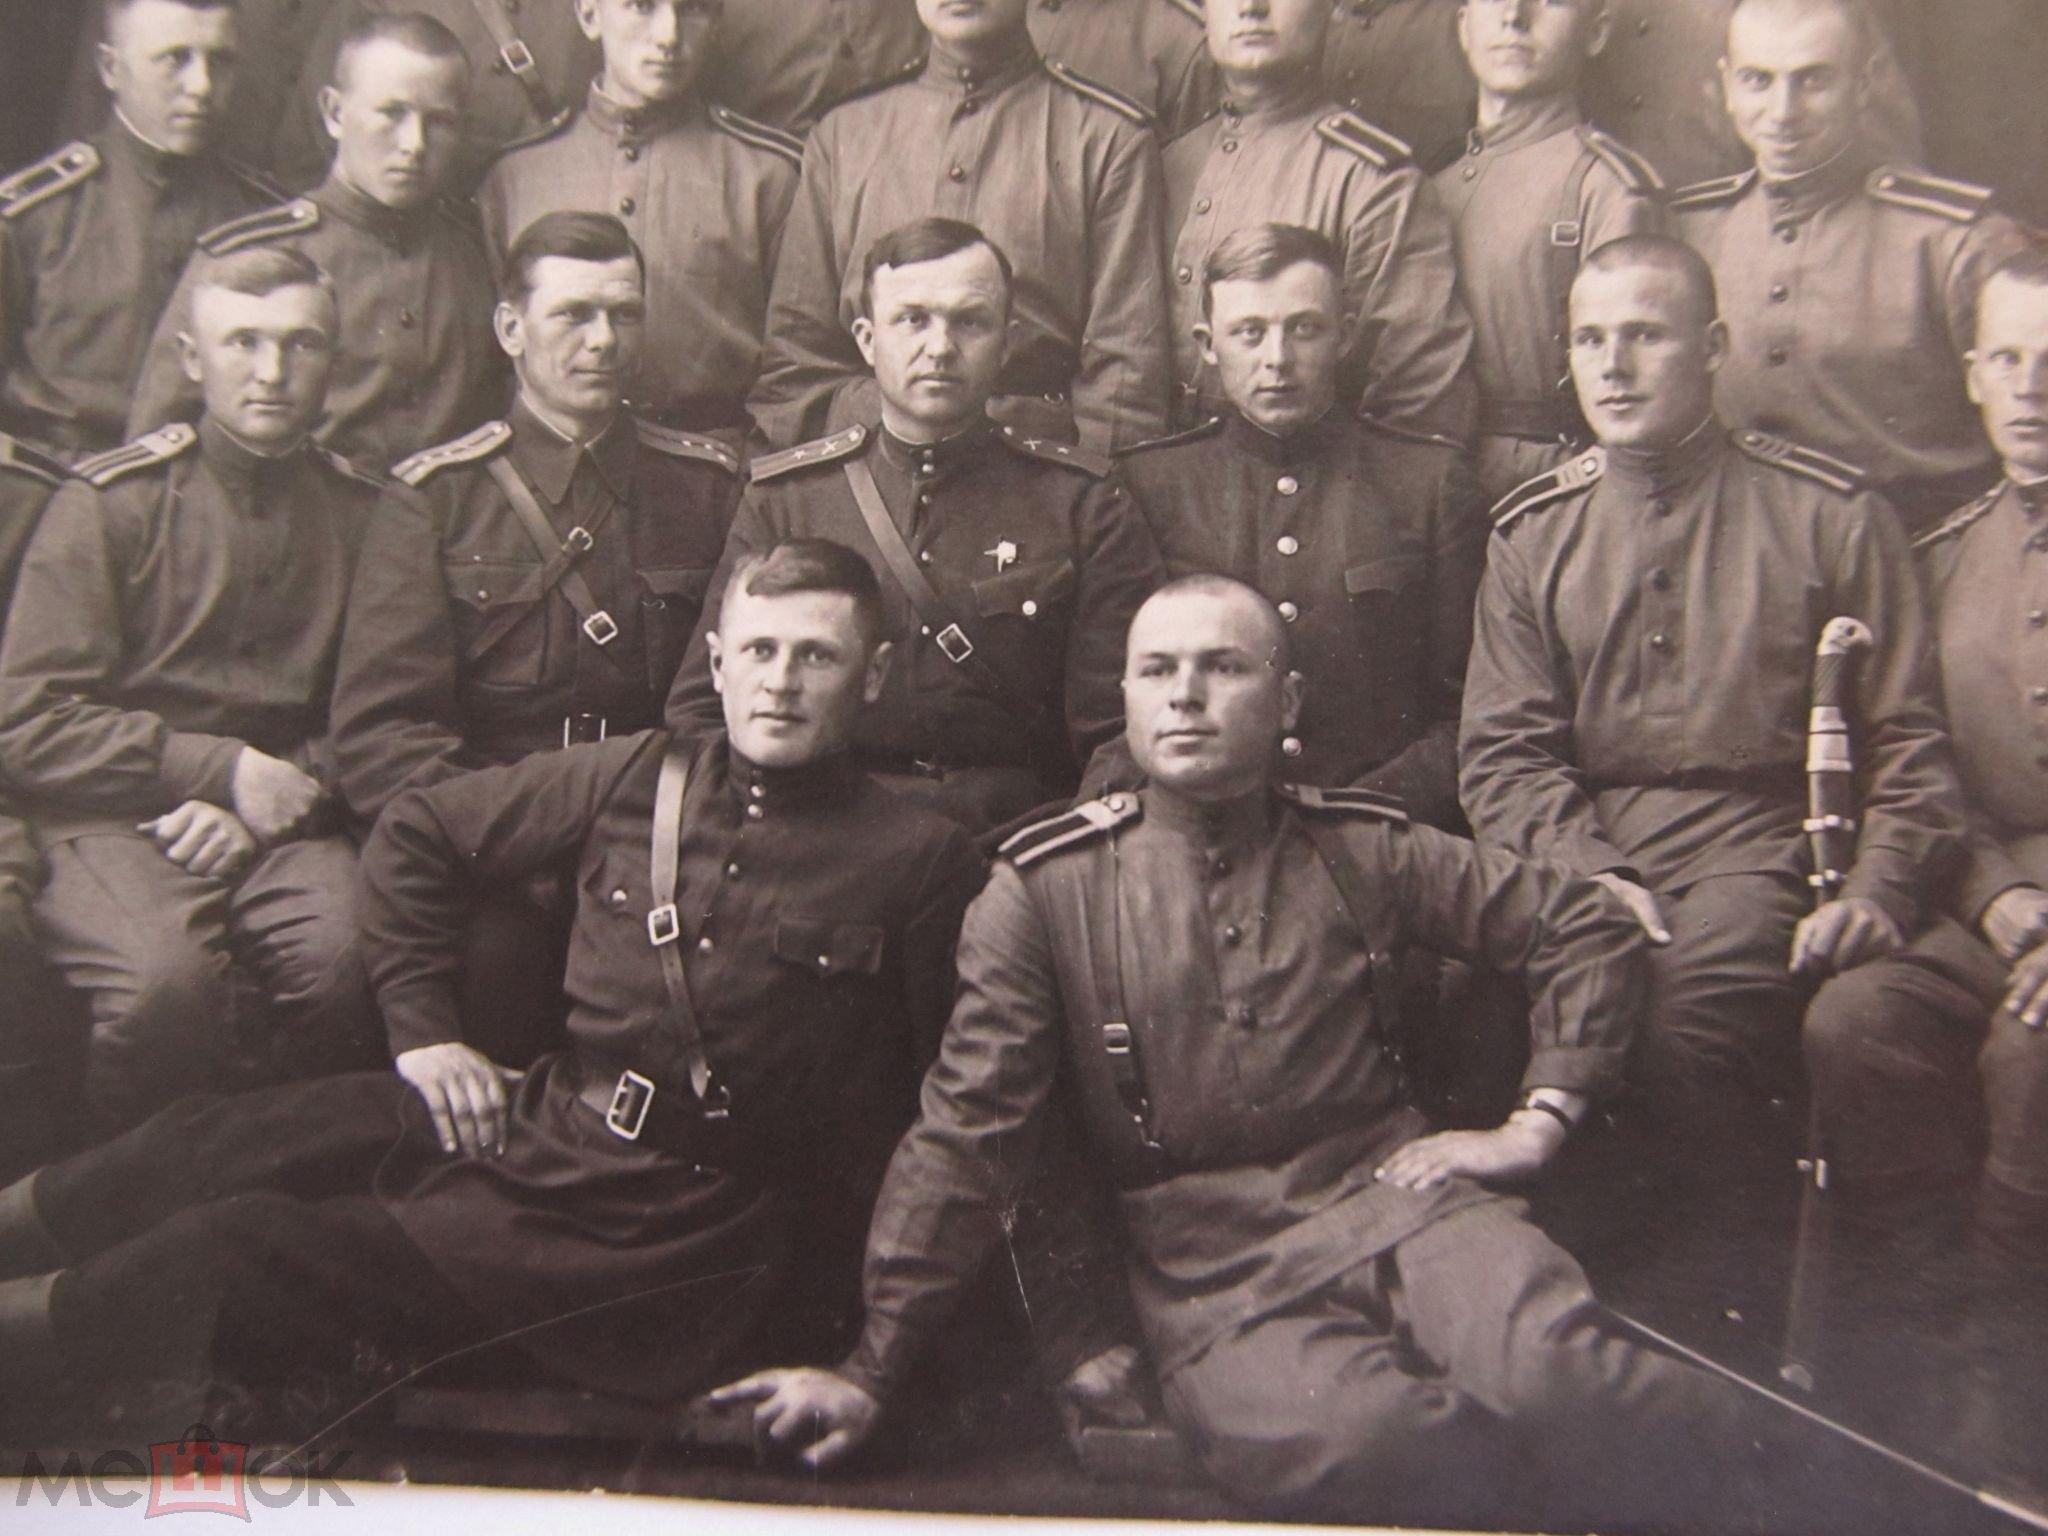 Фото курсантов-фронтовиков. Сумское артиллерийское училище. Ачинск. 1943 год.